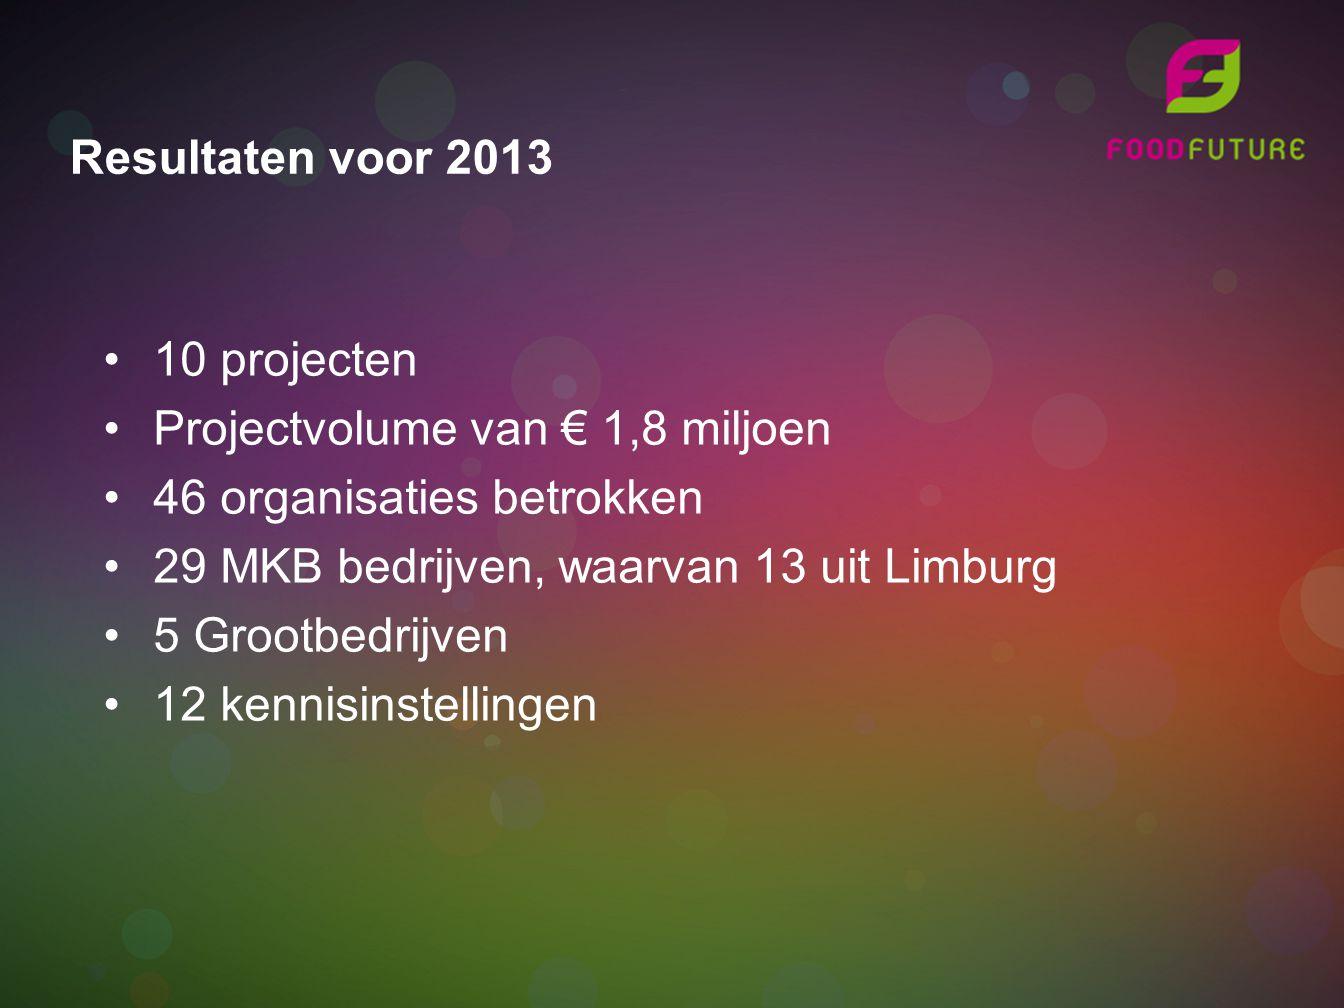 10 projecten Projectvolume van € 1,8 miljoen 46 organisaties betrokken 29 MKB bedrijven, waarvan 13 uit Limburg 5 Grootbedrijven 12 kennisinstellingen Resultaten voor 2013